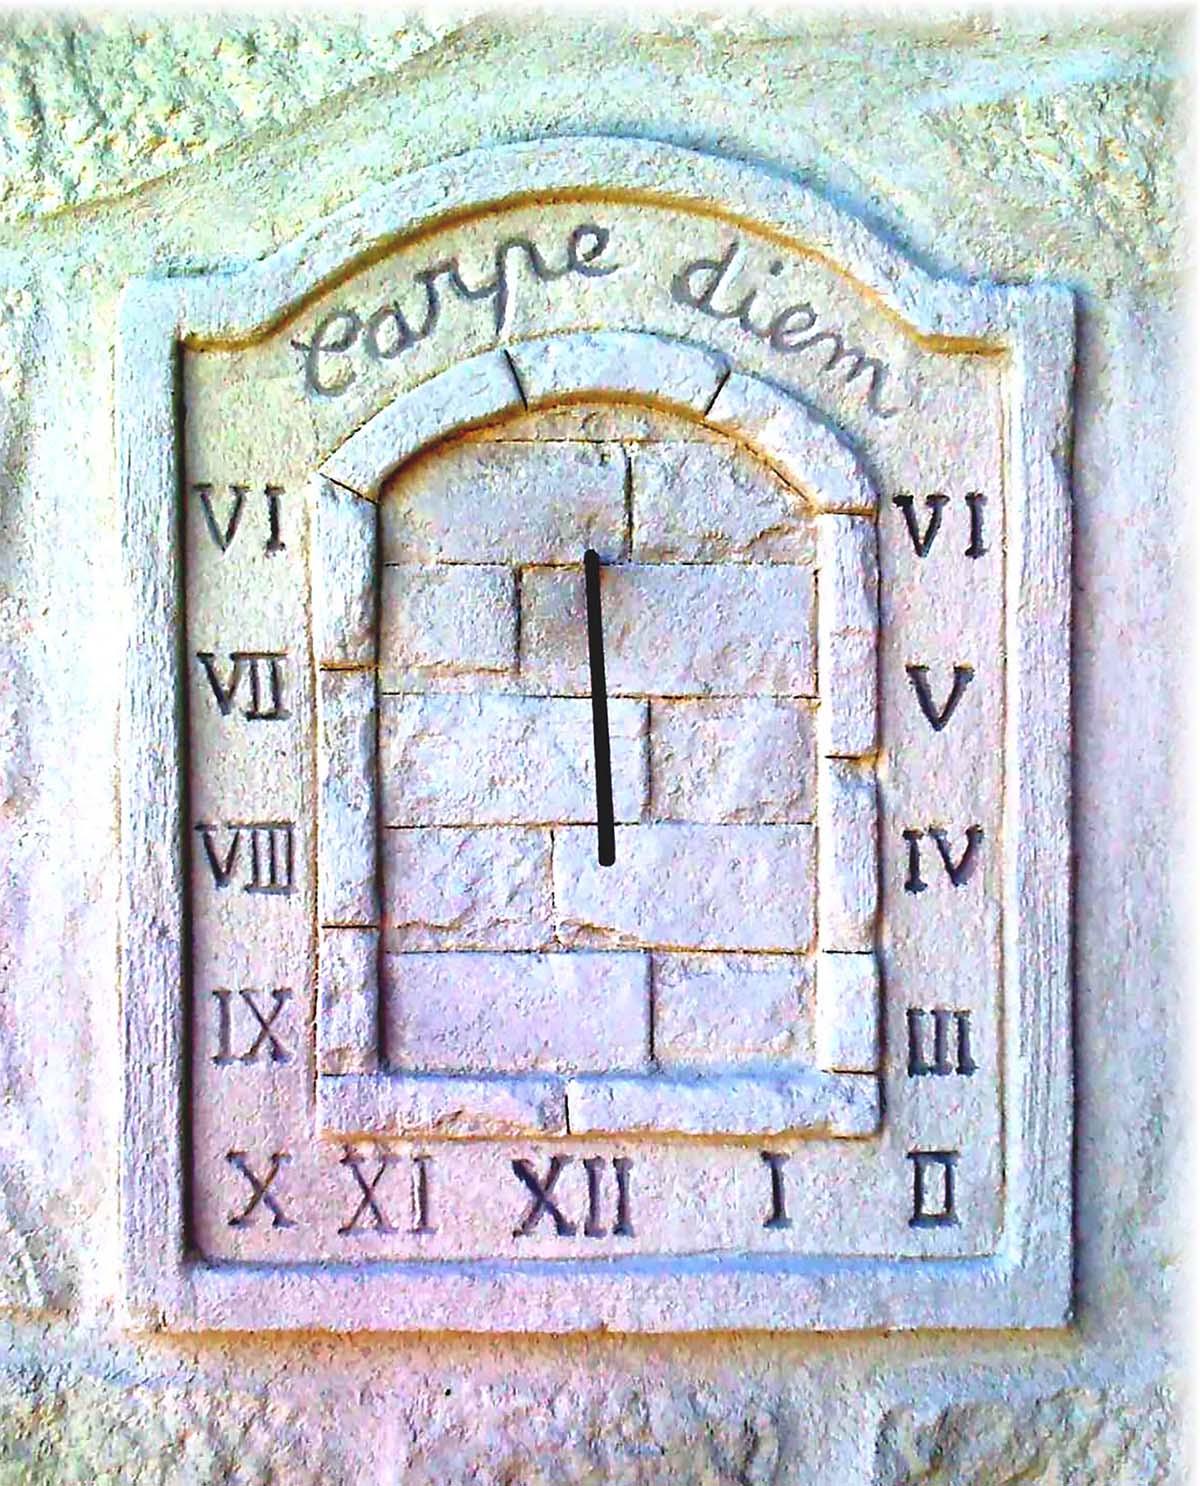 CADRAN SOLAIRE CARPE DIEM et chiffre romain pour décorer une façade de maison